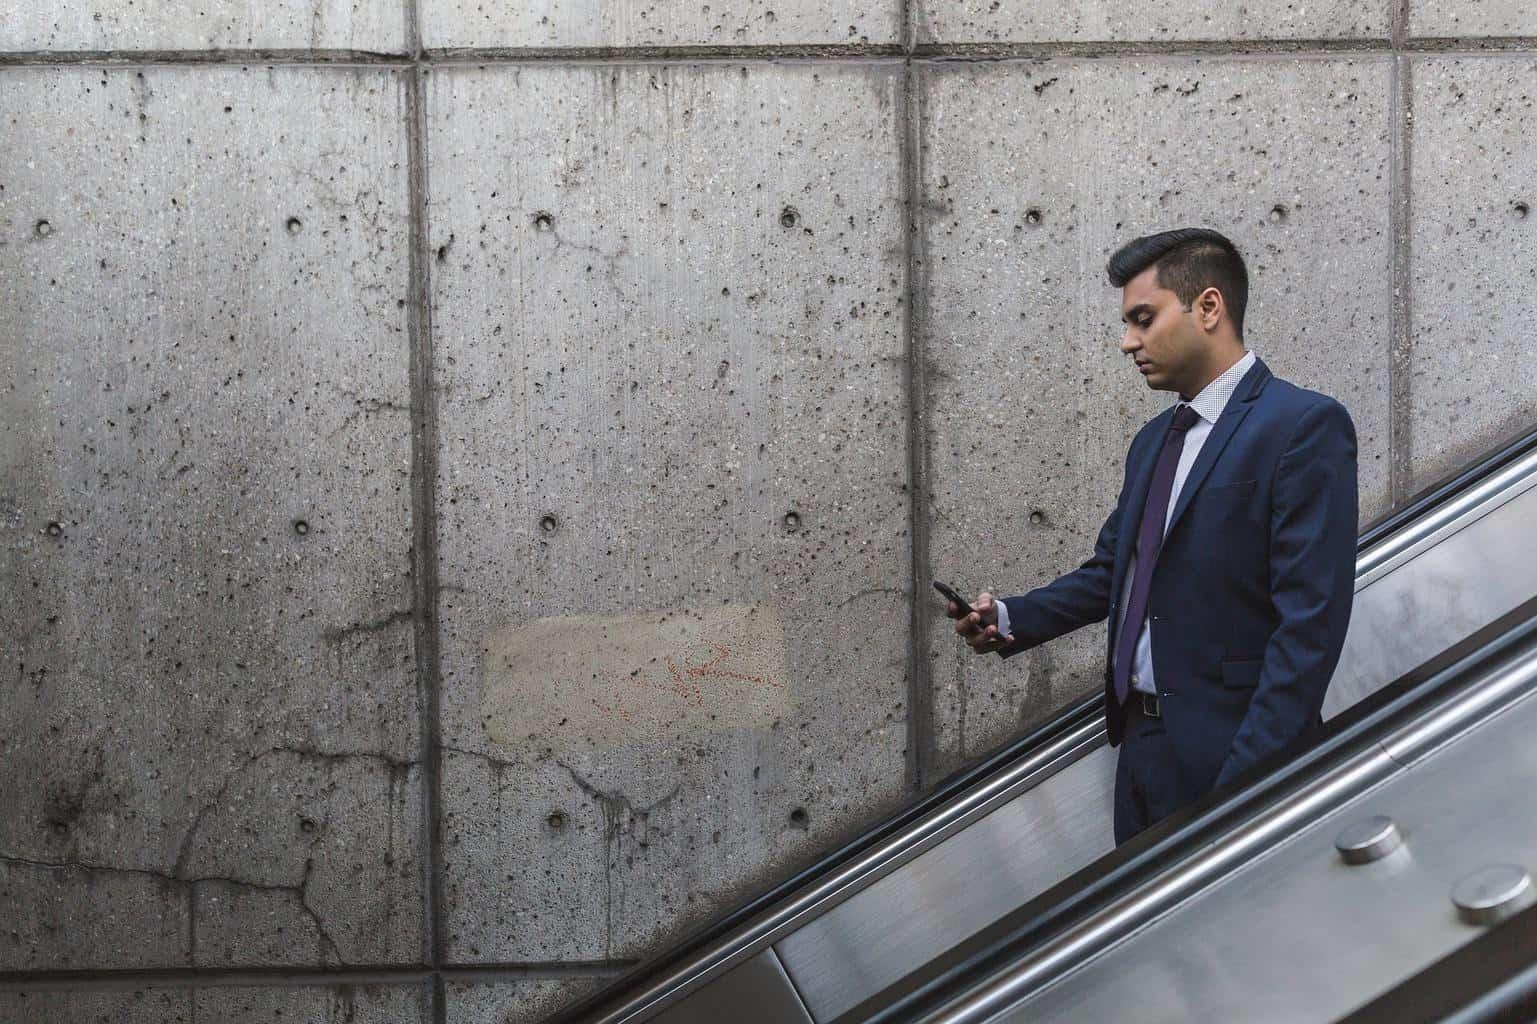 30代から異業種へ転職したい場合はどうするべき?